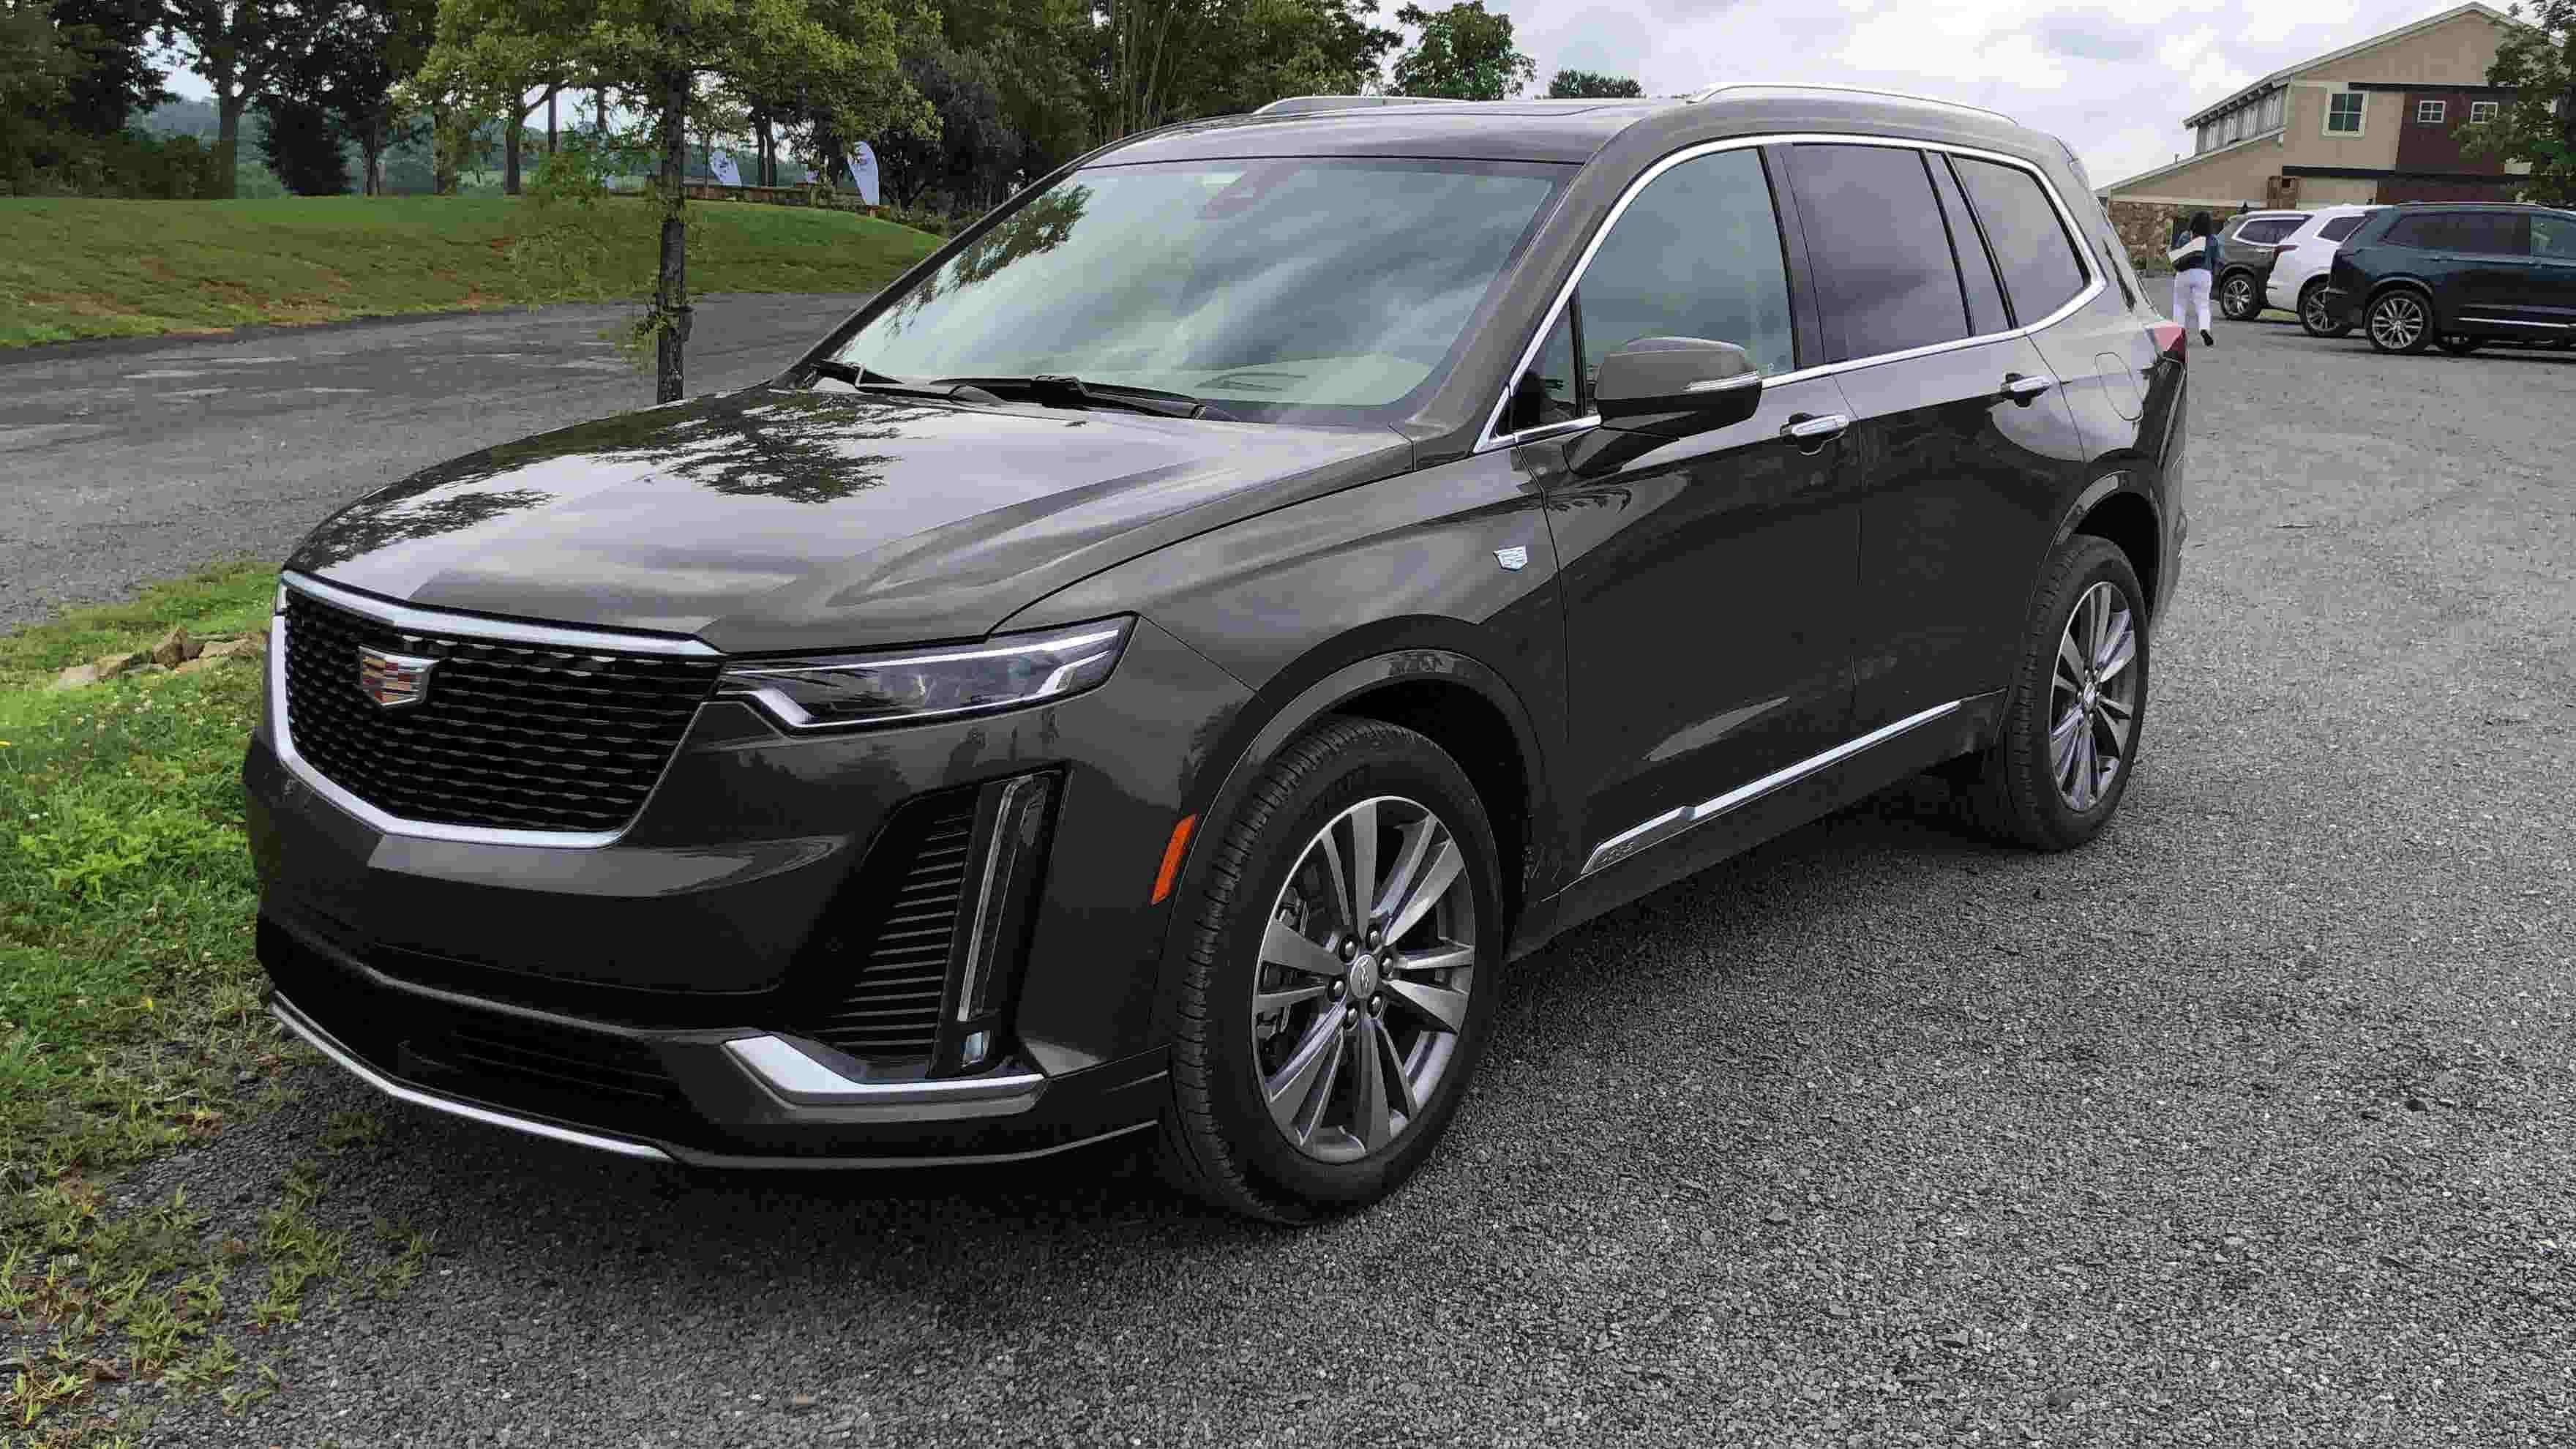 28 New Cadillac Hybrid Suv 2020 Rumors by Cadillac Hybrid Suv 2020